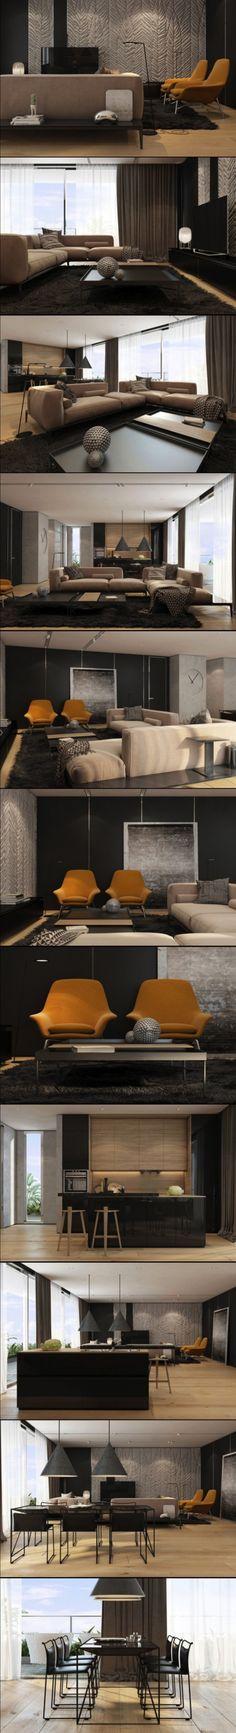 Tel Aviv Apartment by Iryna Dzhemesiuk